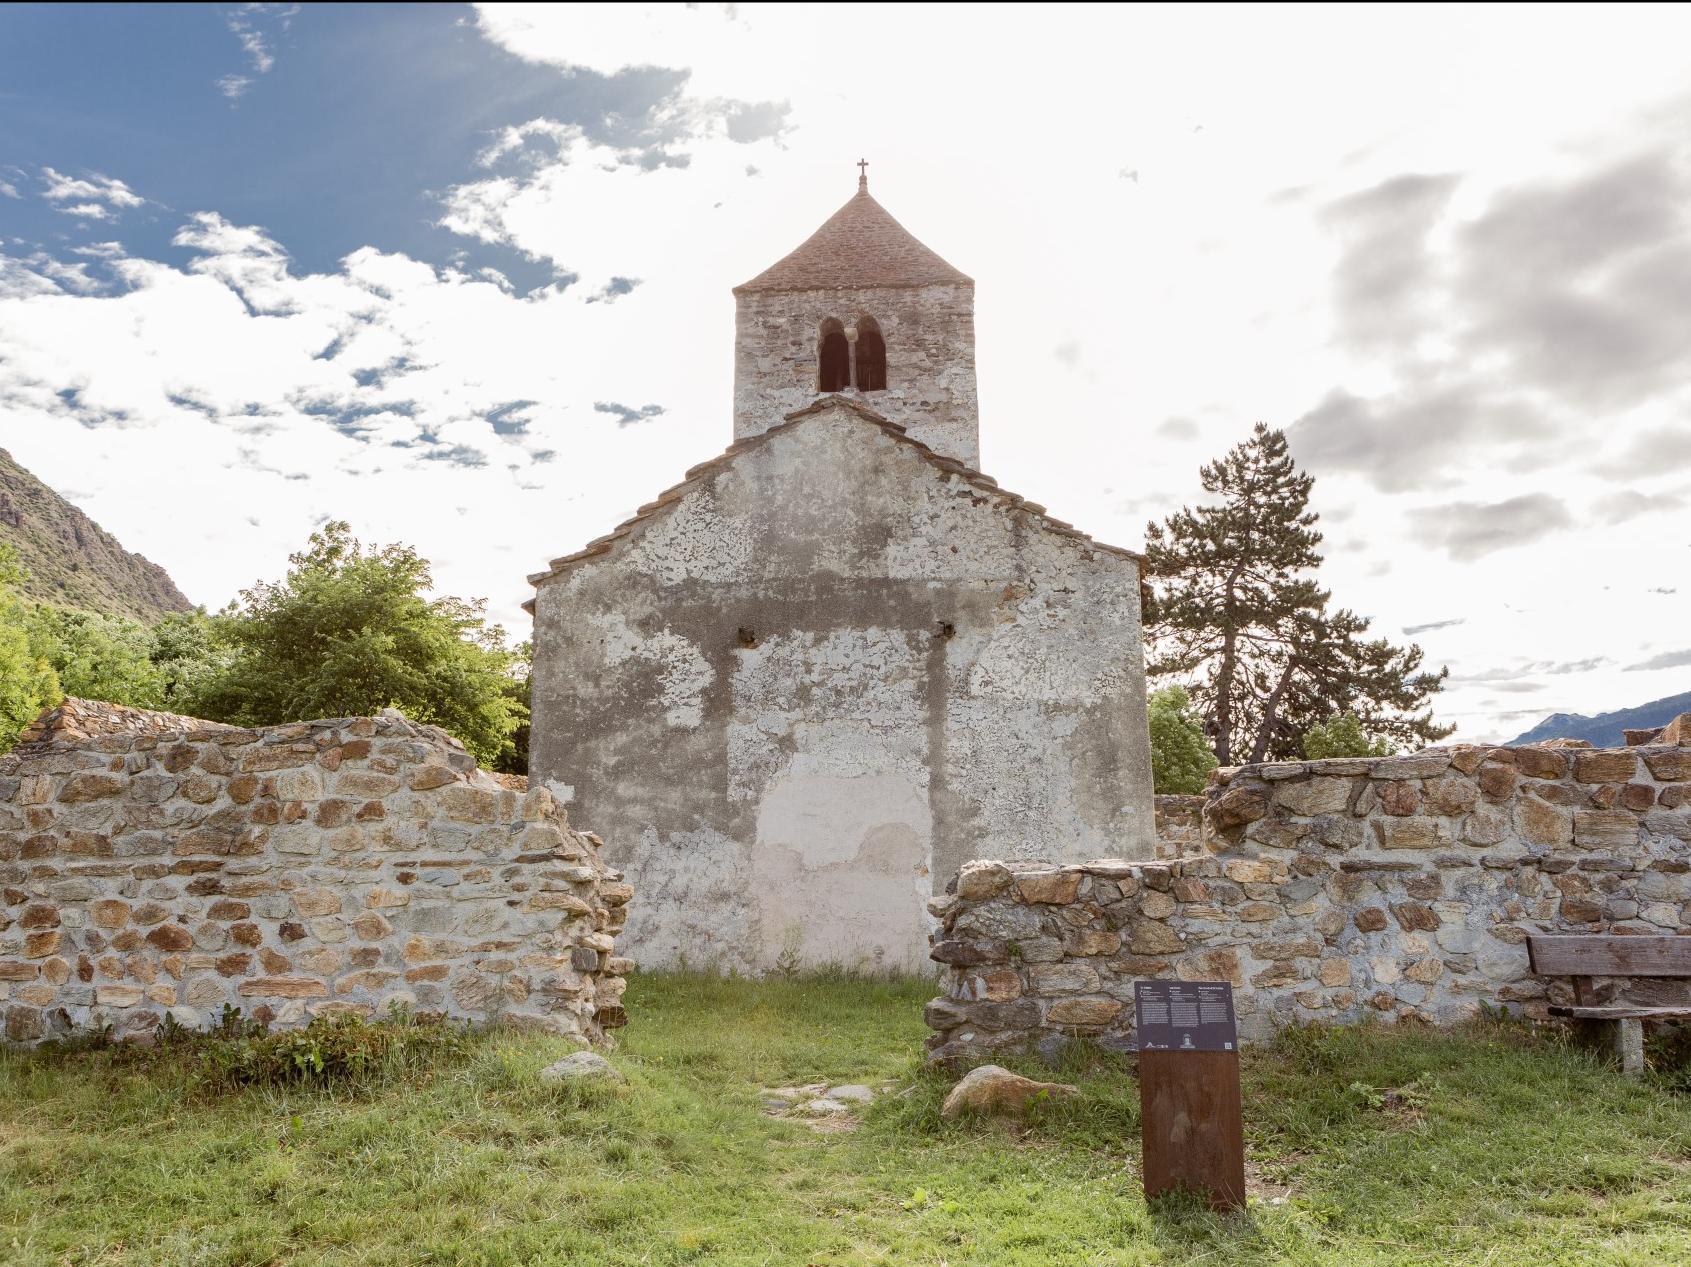 Church of St. Sisinio, Lasa/Laas